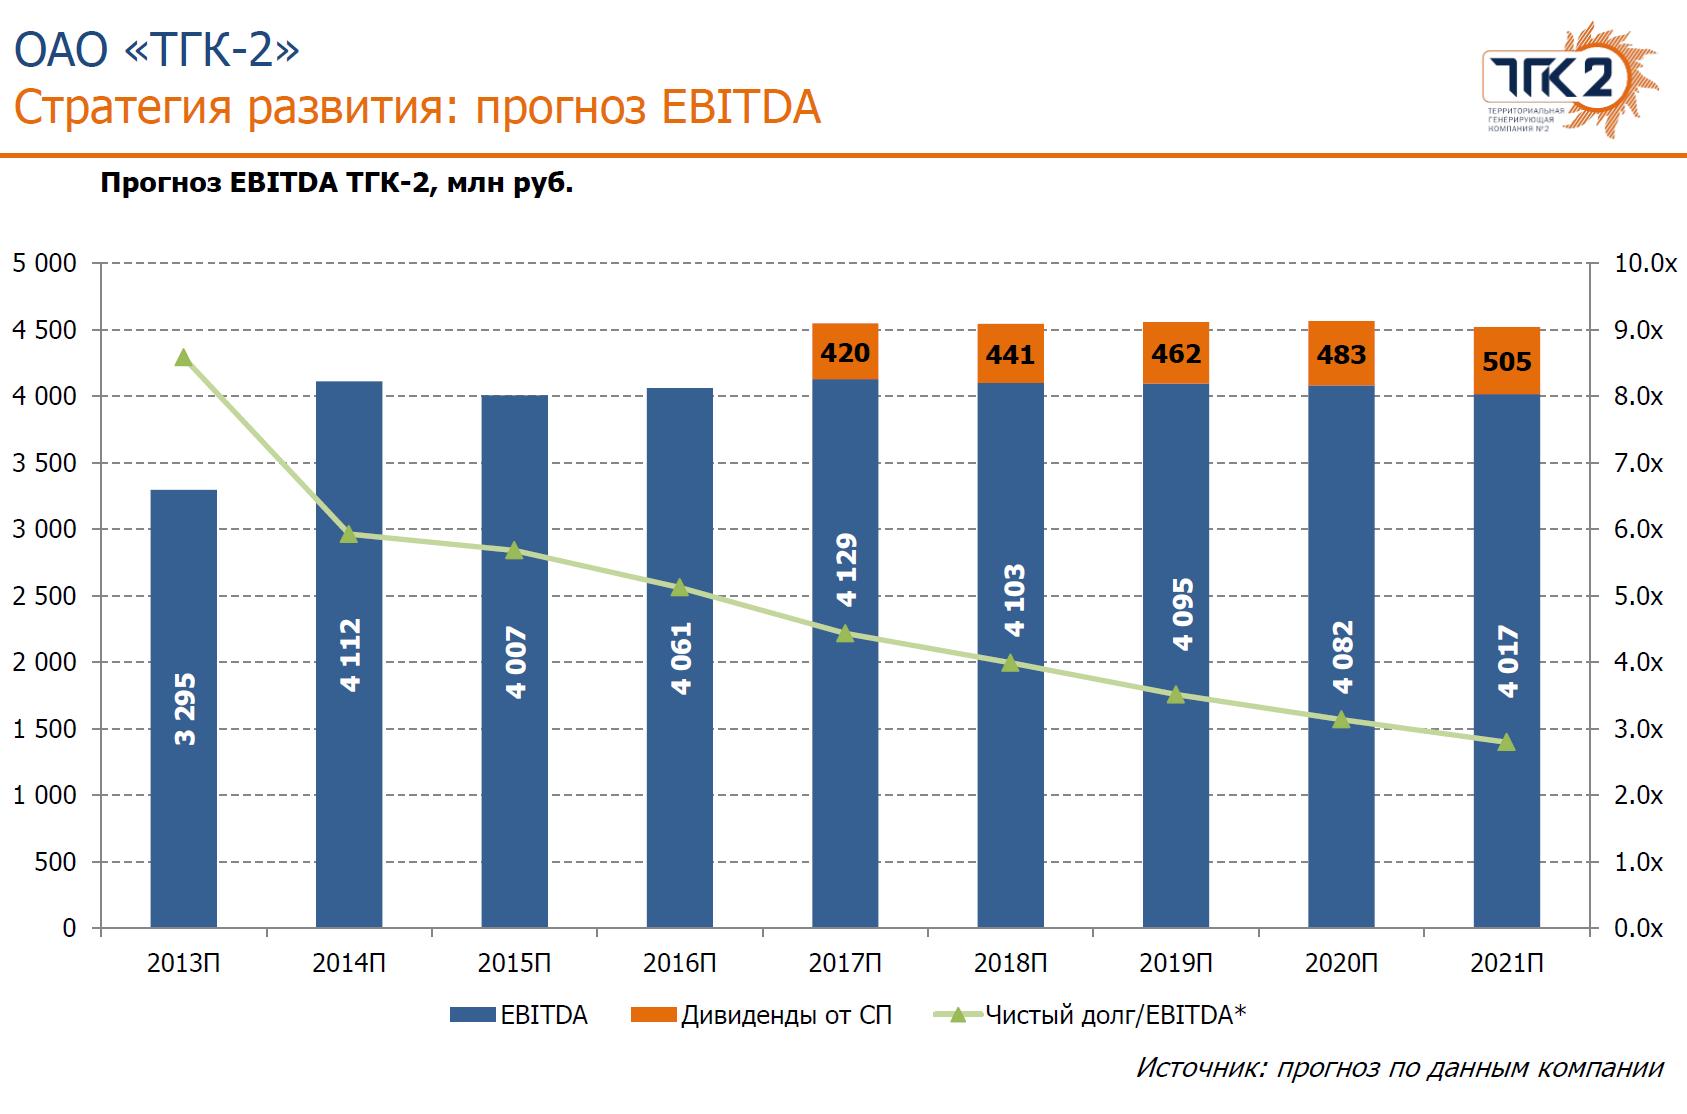 ТГК-2 прогноз EBITDA 2013